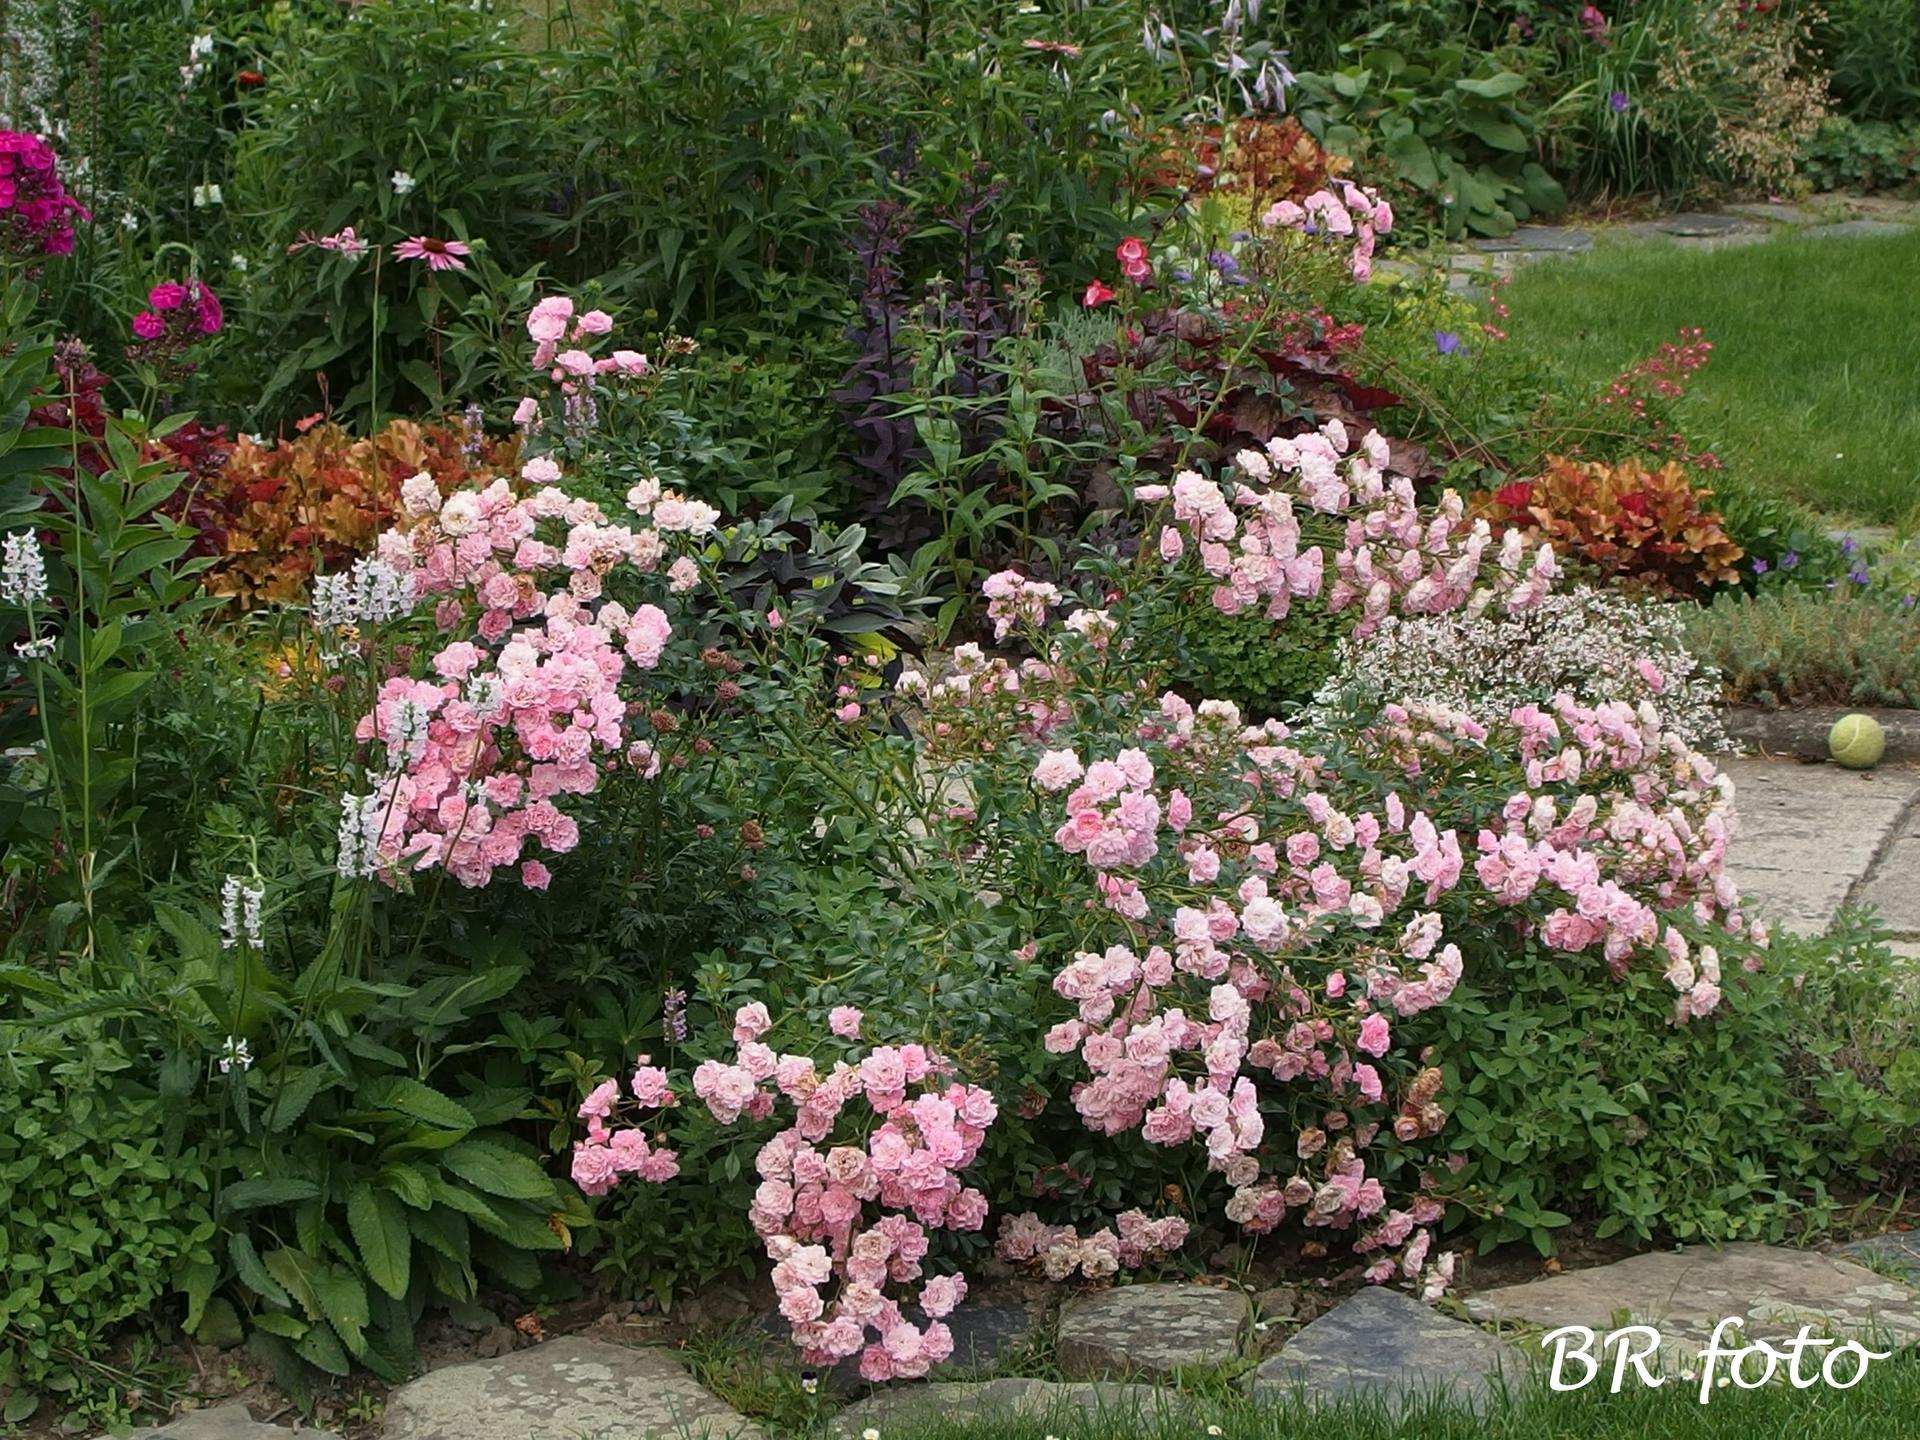 Zahrada v létě - i růže The Fairy rozkleslá deštěm